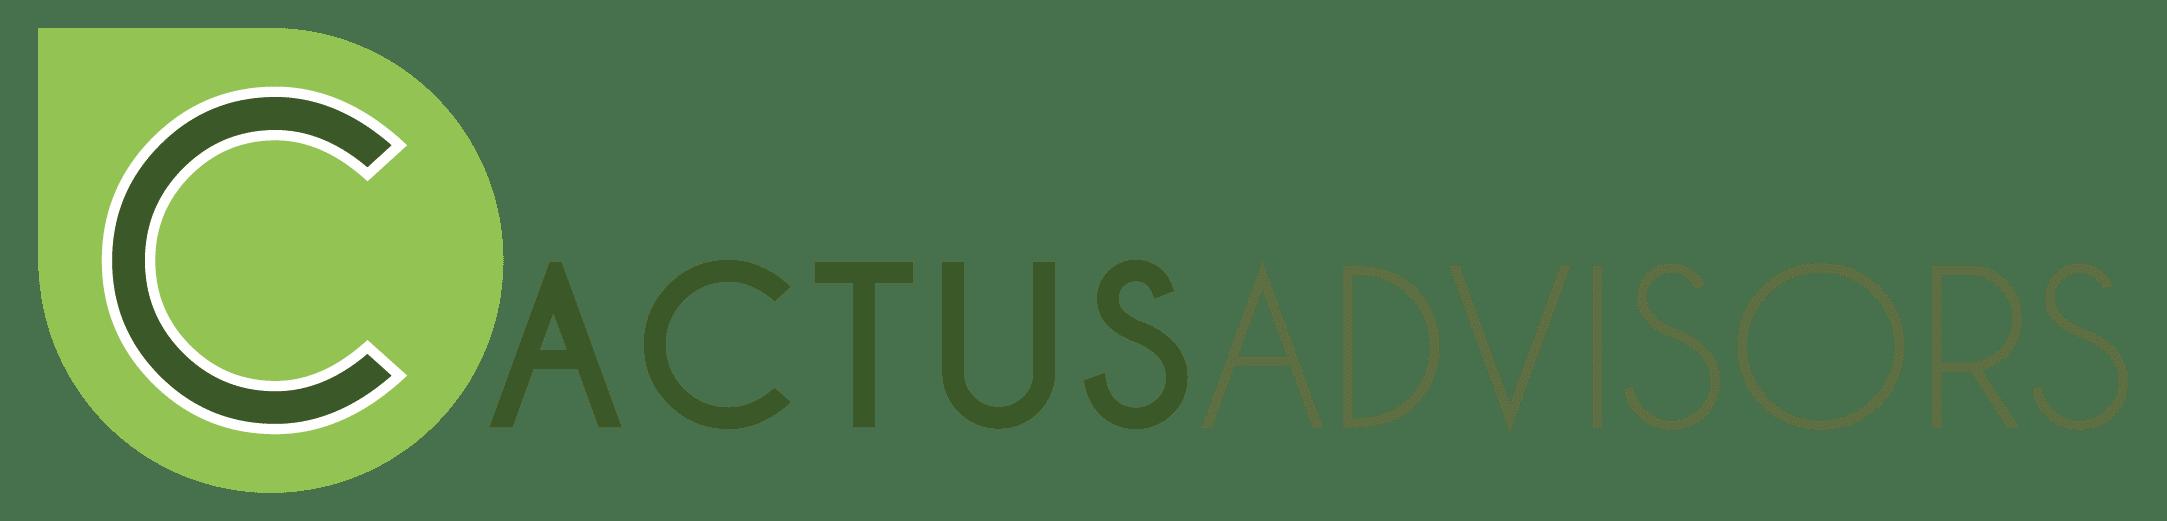 Cactus Advisors Logo - Hi Res